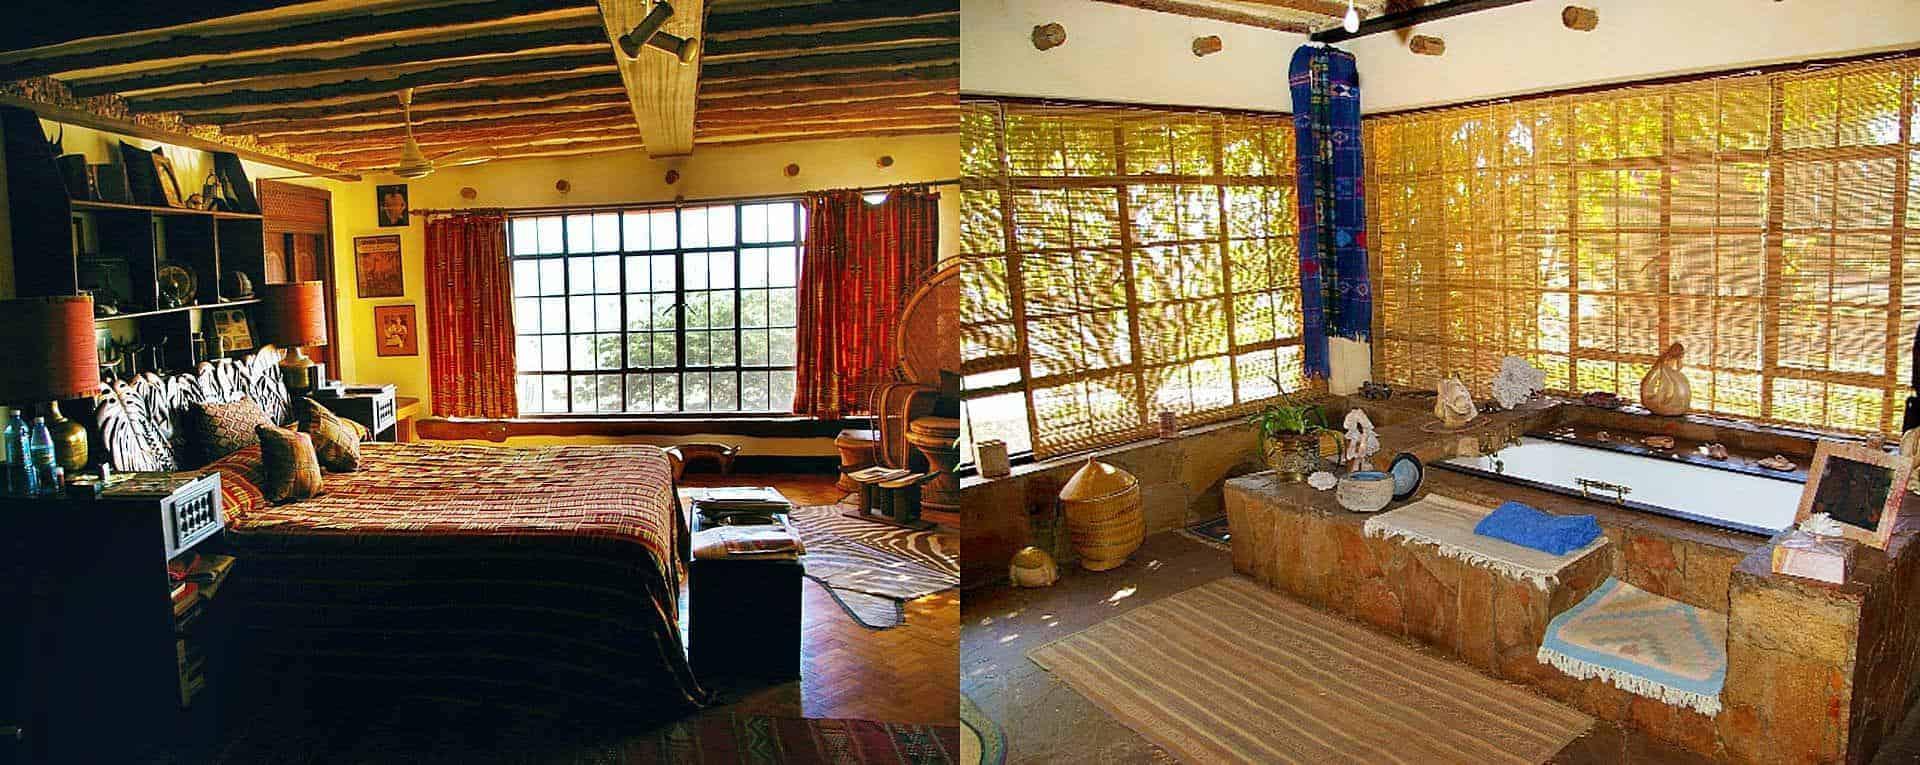 Attractive AfricanMecca Safaris